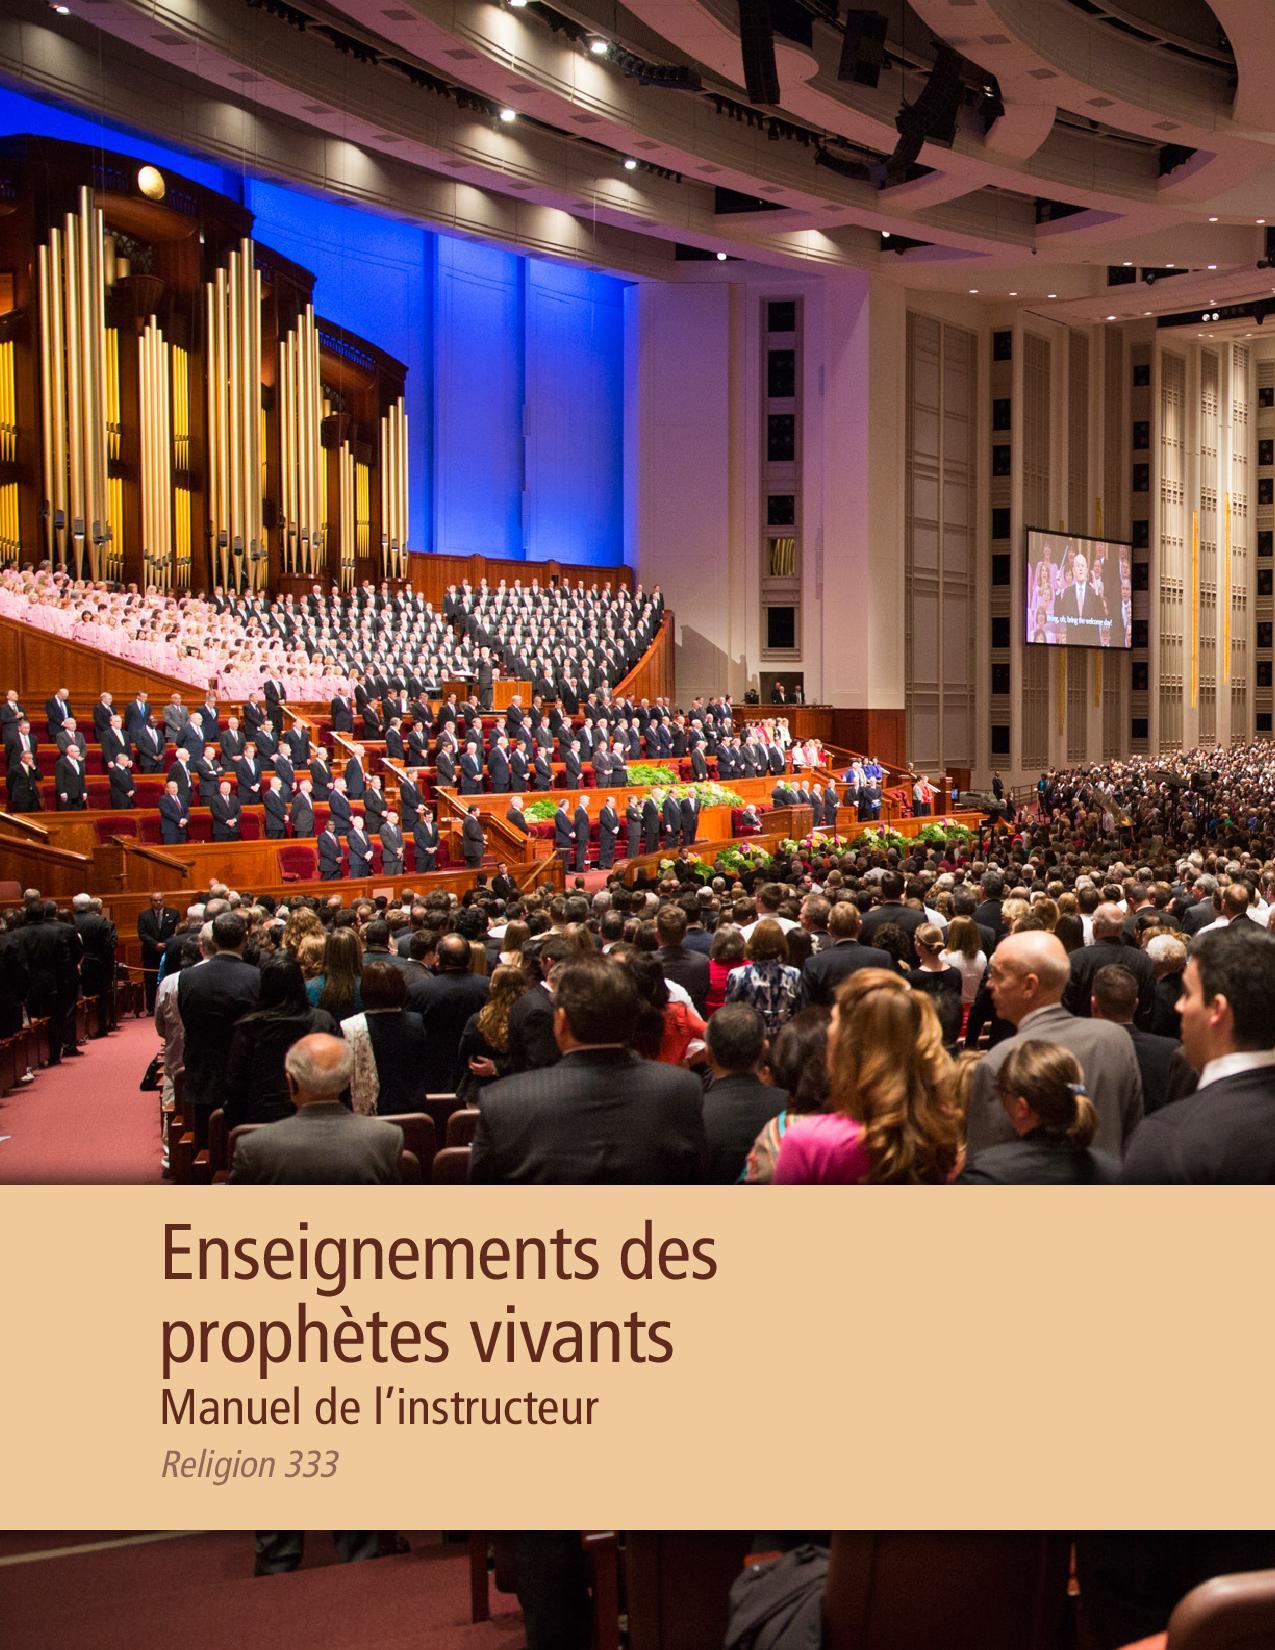 Enseignements des prophètes actuels, manuel de l'instructeur